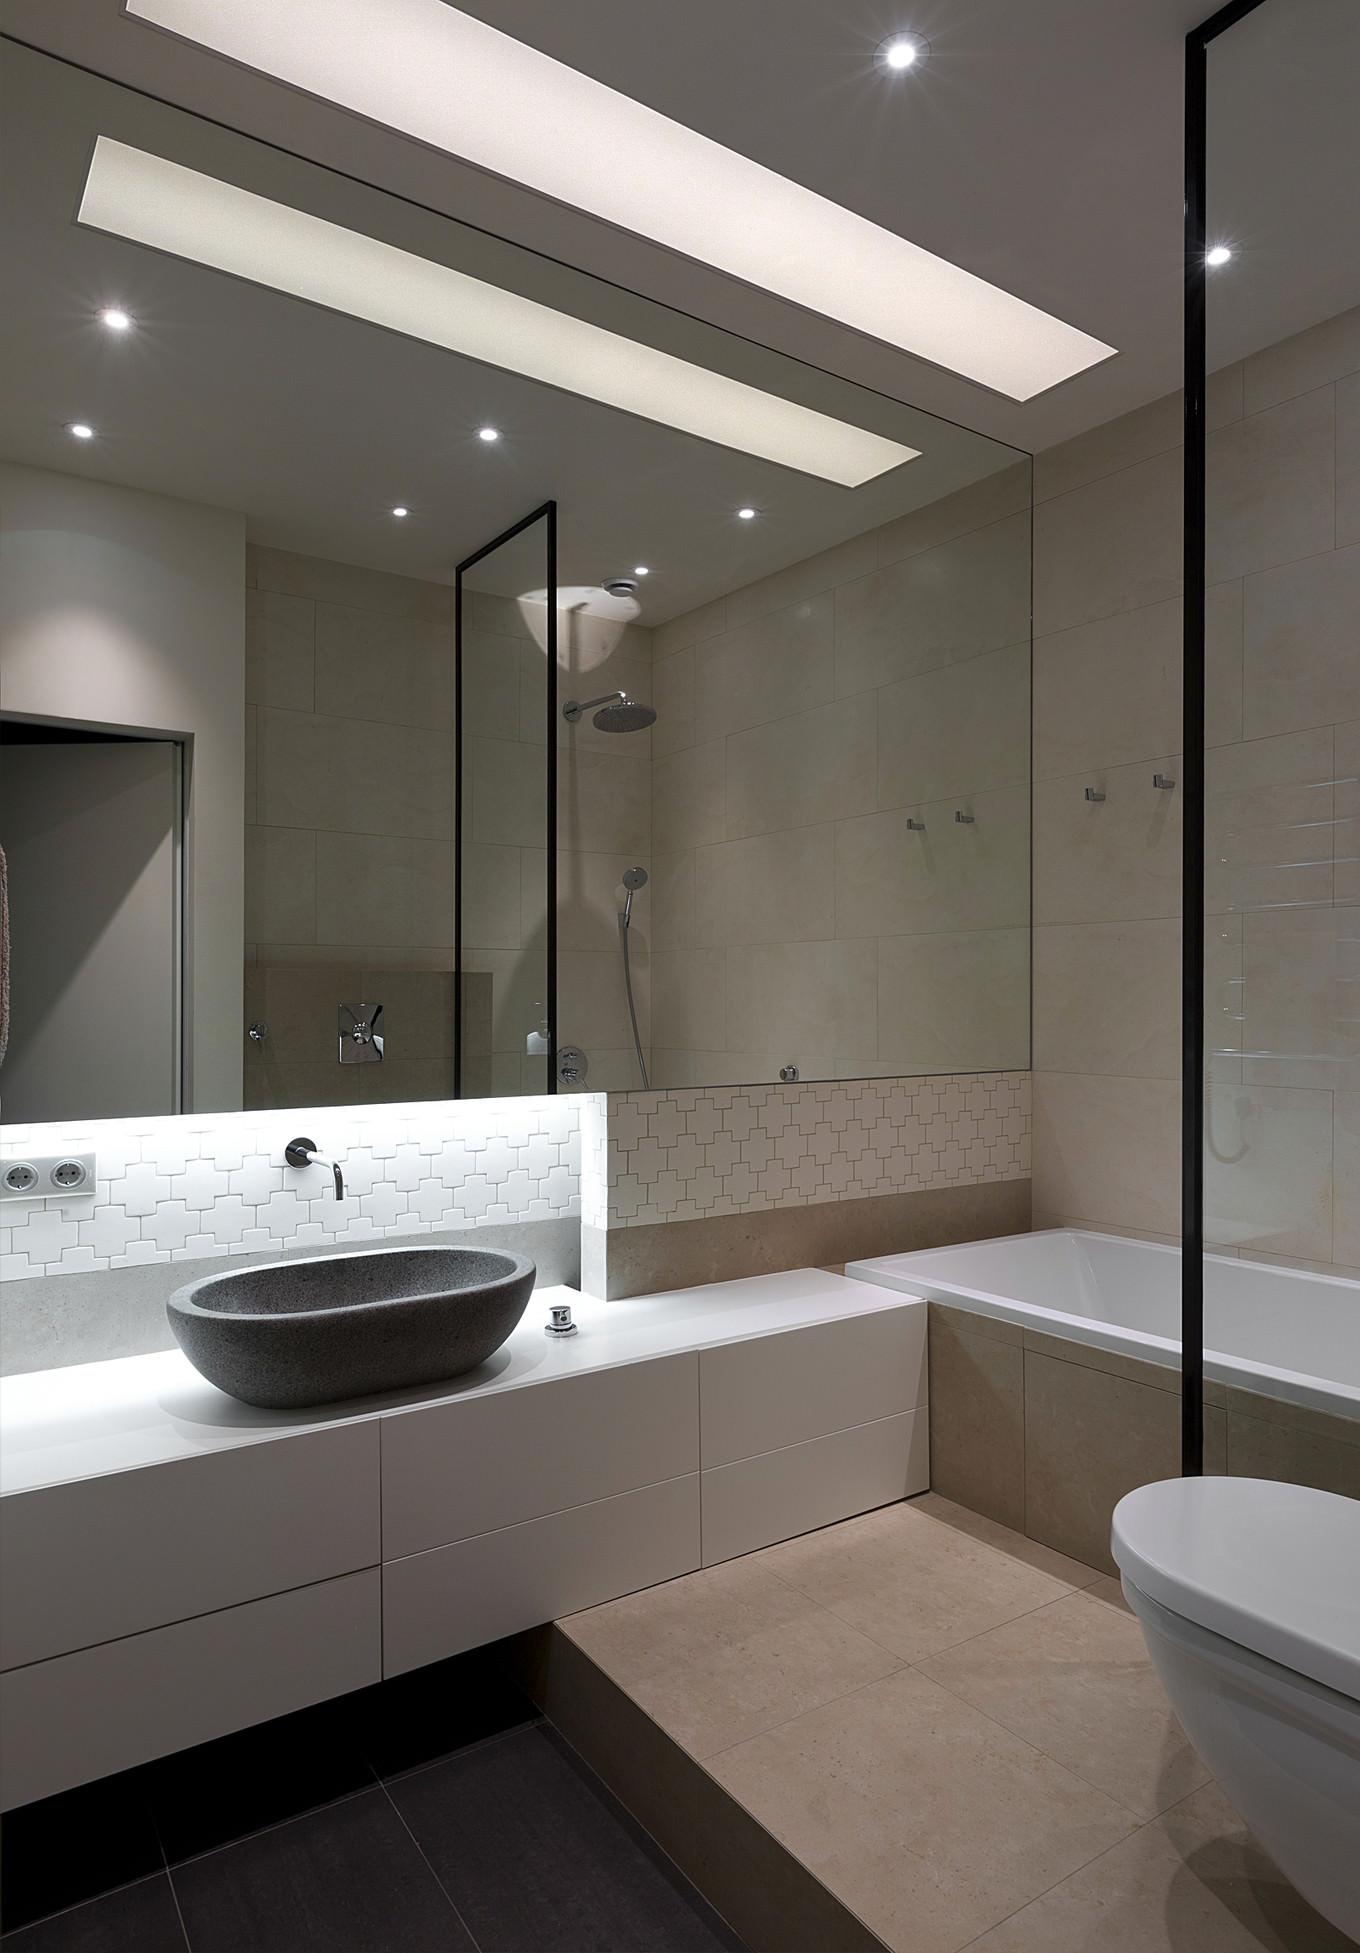 apartament-sas-stilen-interior-v-kiev-50-m-910g